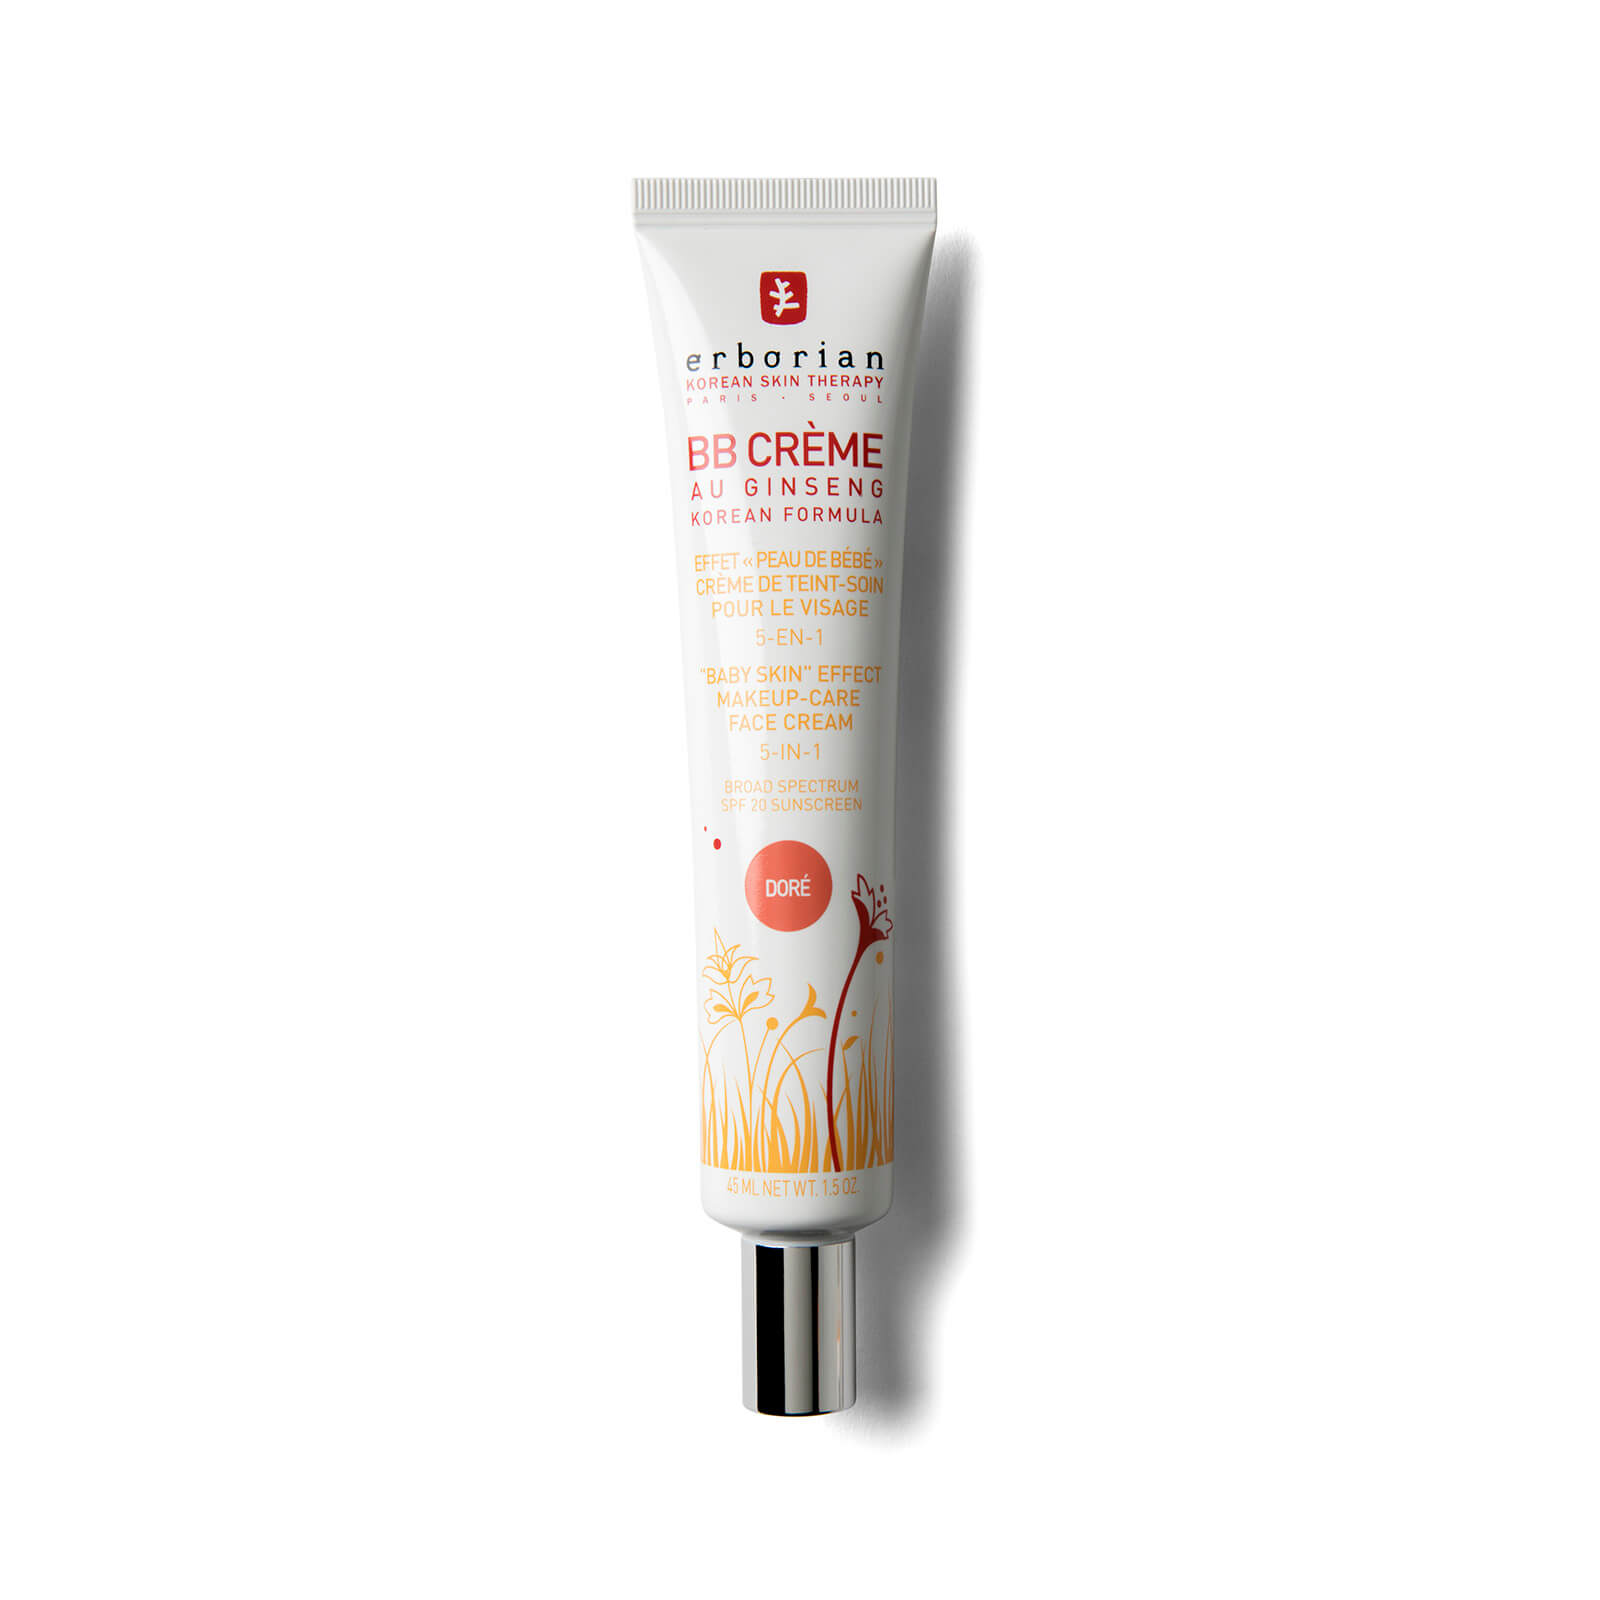 Erborian BB Cream 45ml (Various Shades) - Dore